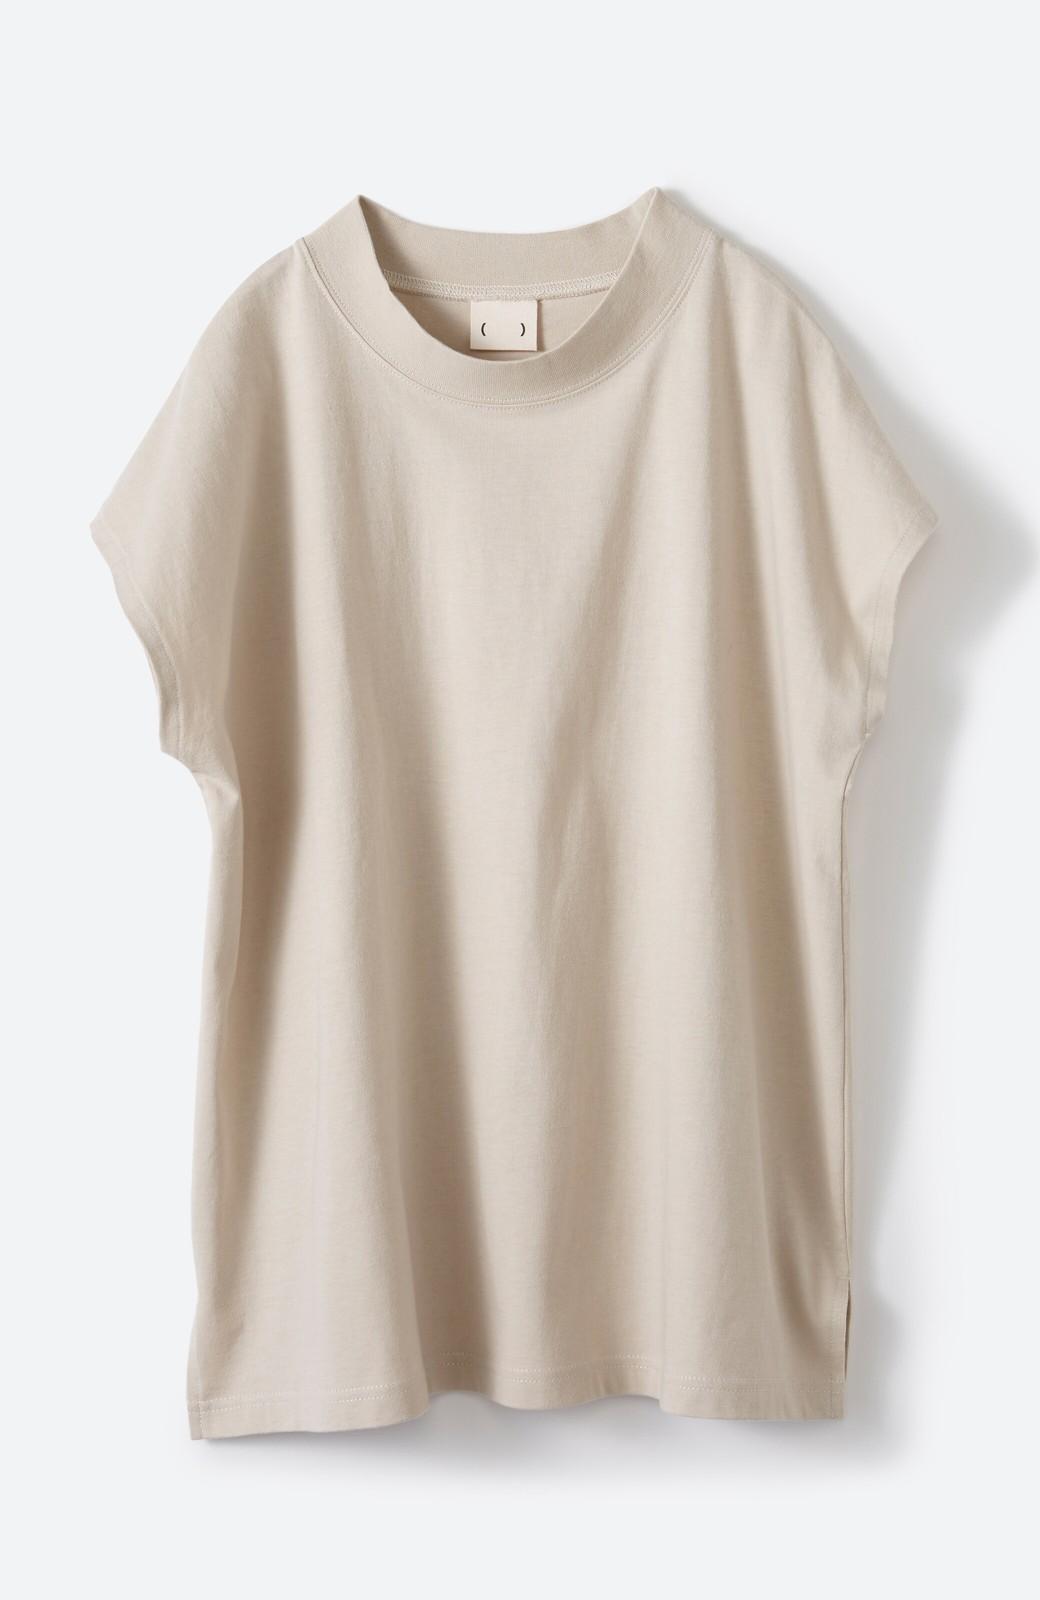 haco! 迷ったらコレ!でおしゃれに見える いくつあっても便利な定番ハイネックTシャツ <ライトベージュ>の商品写真14